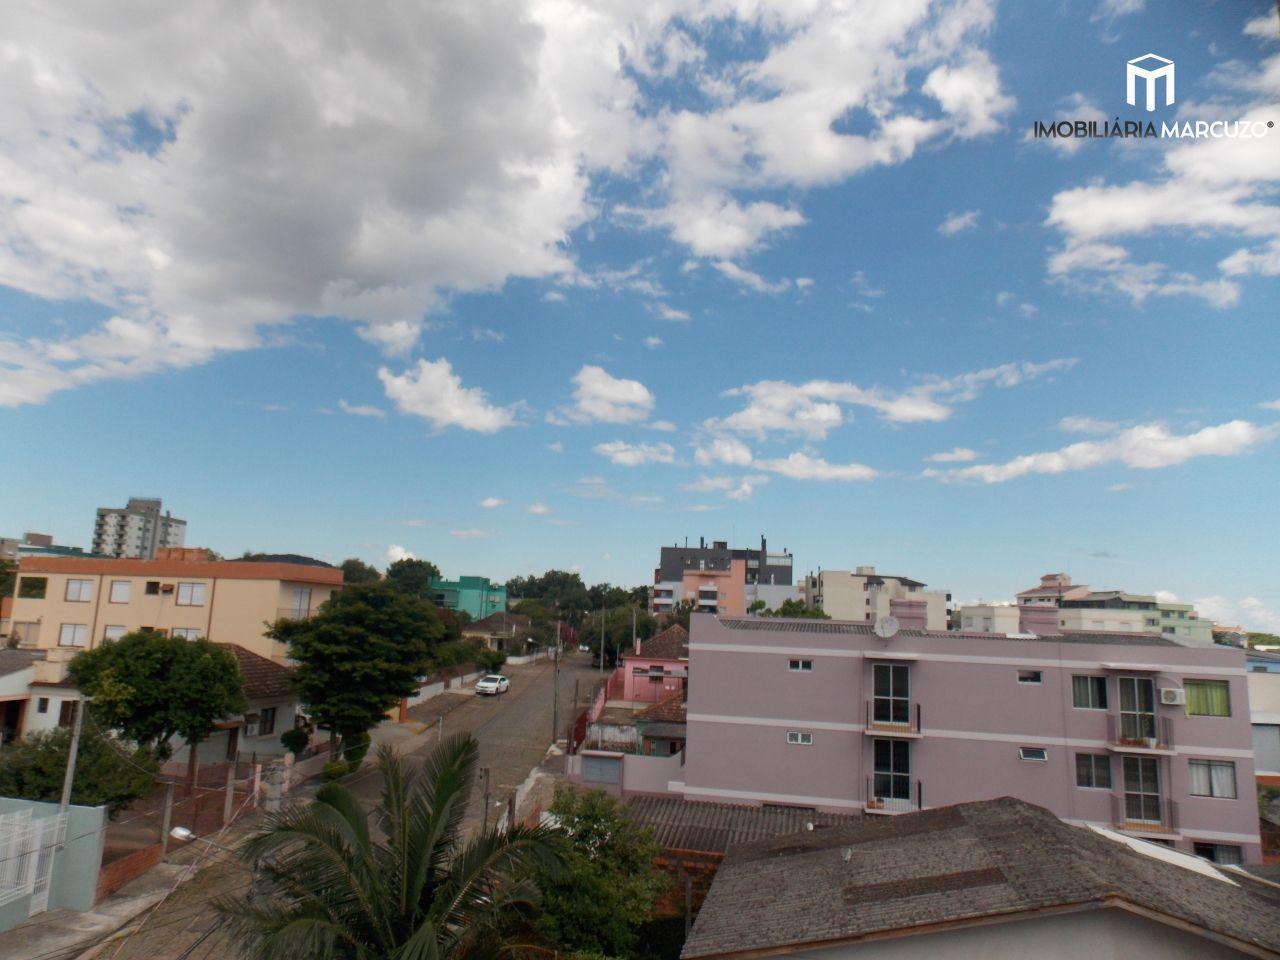 Apartamento com 2 Dormitórios à venda, 63 m² por R$ 275.000,00